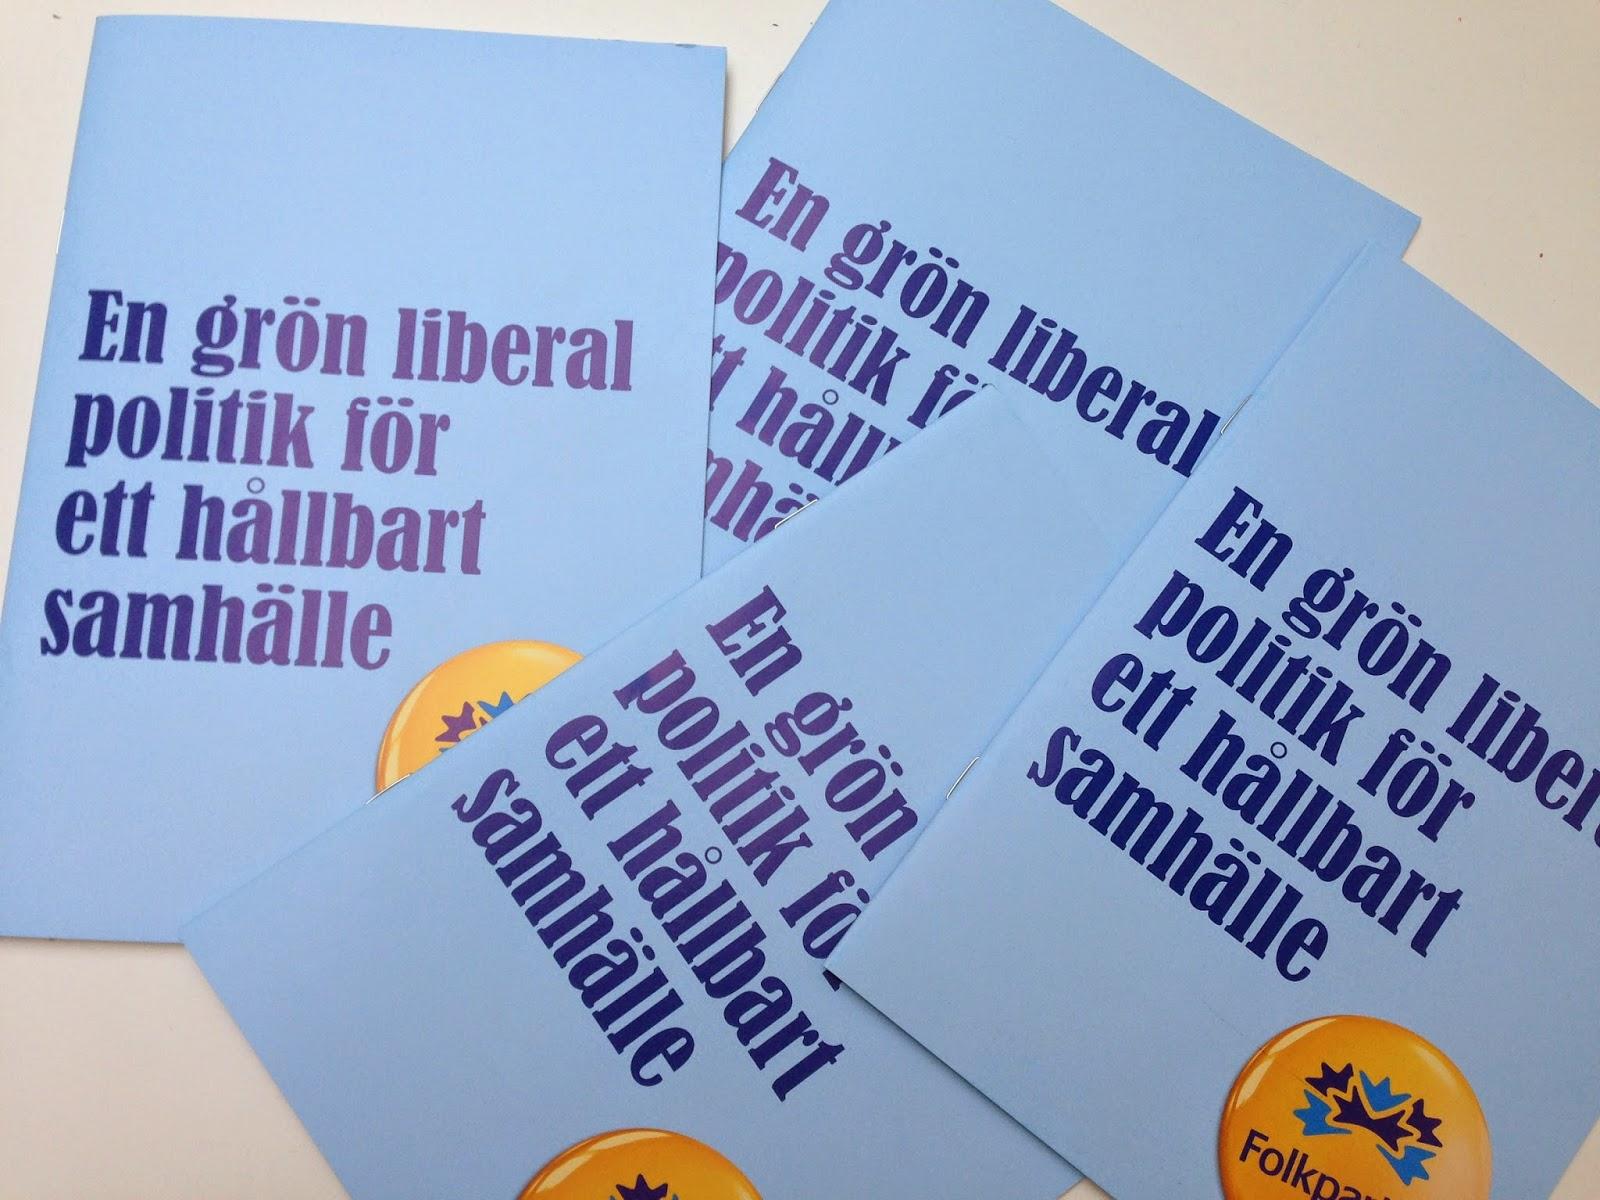 Karin karlsbro vill ha avgift trots folkpartiets nej